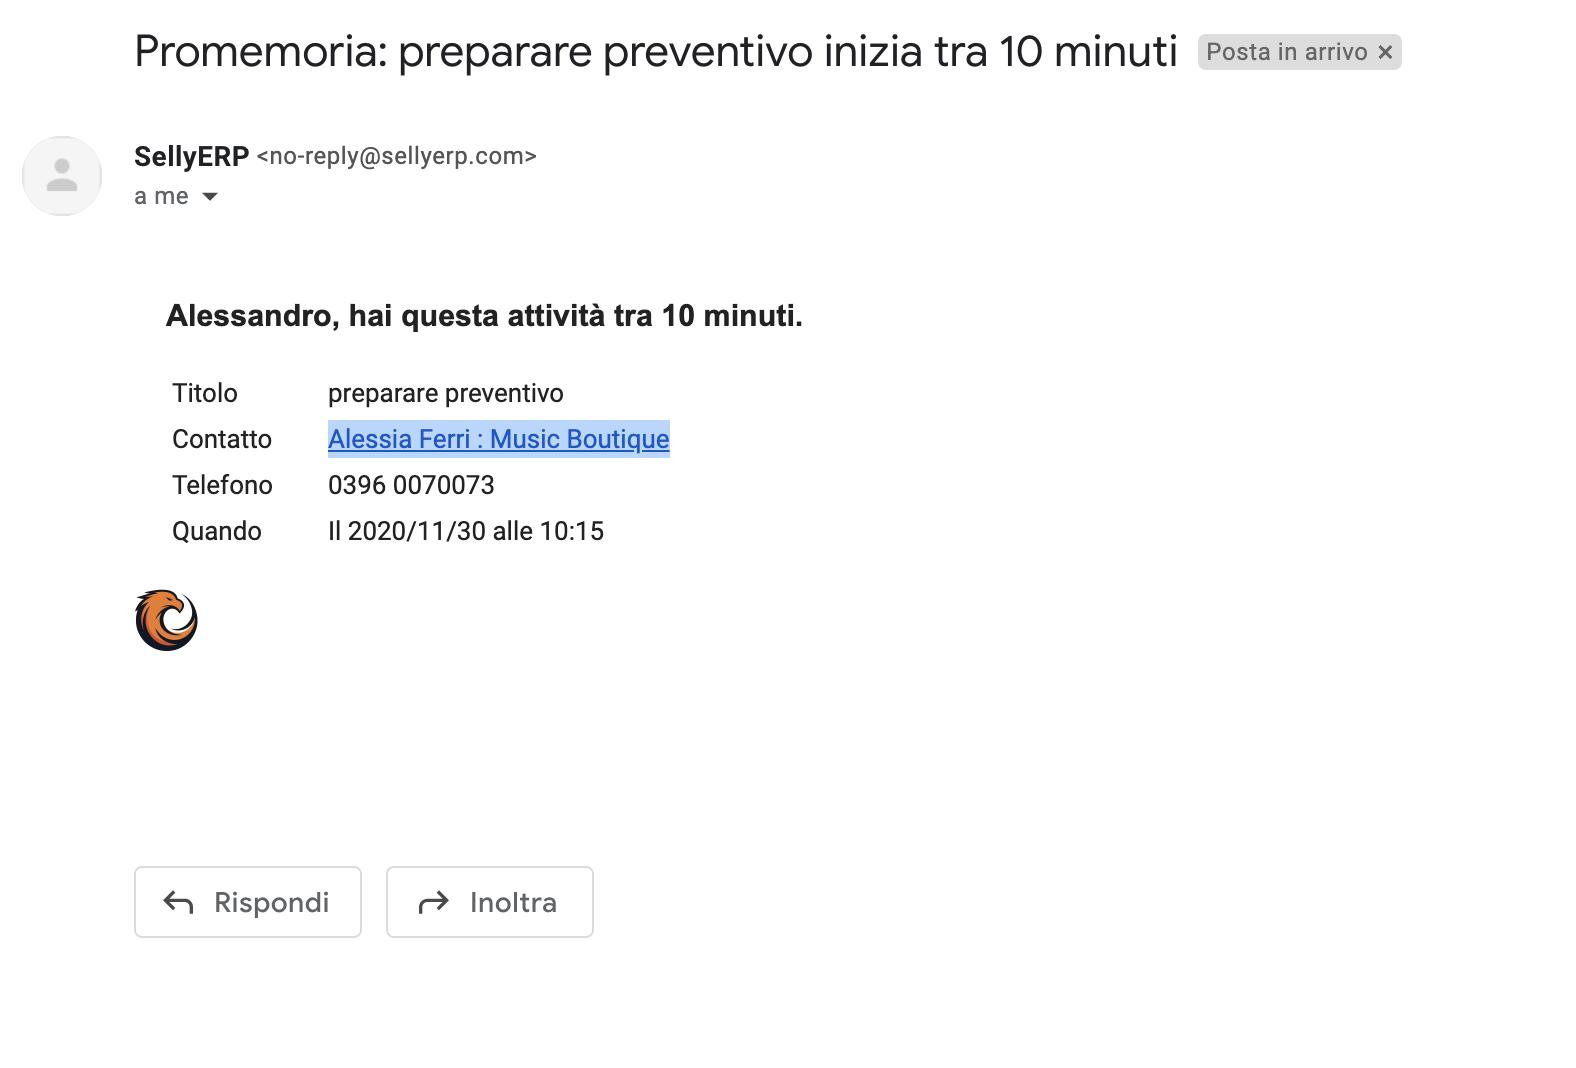 Mail notifica scadenza attività